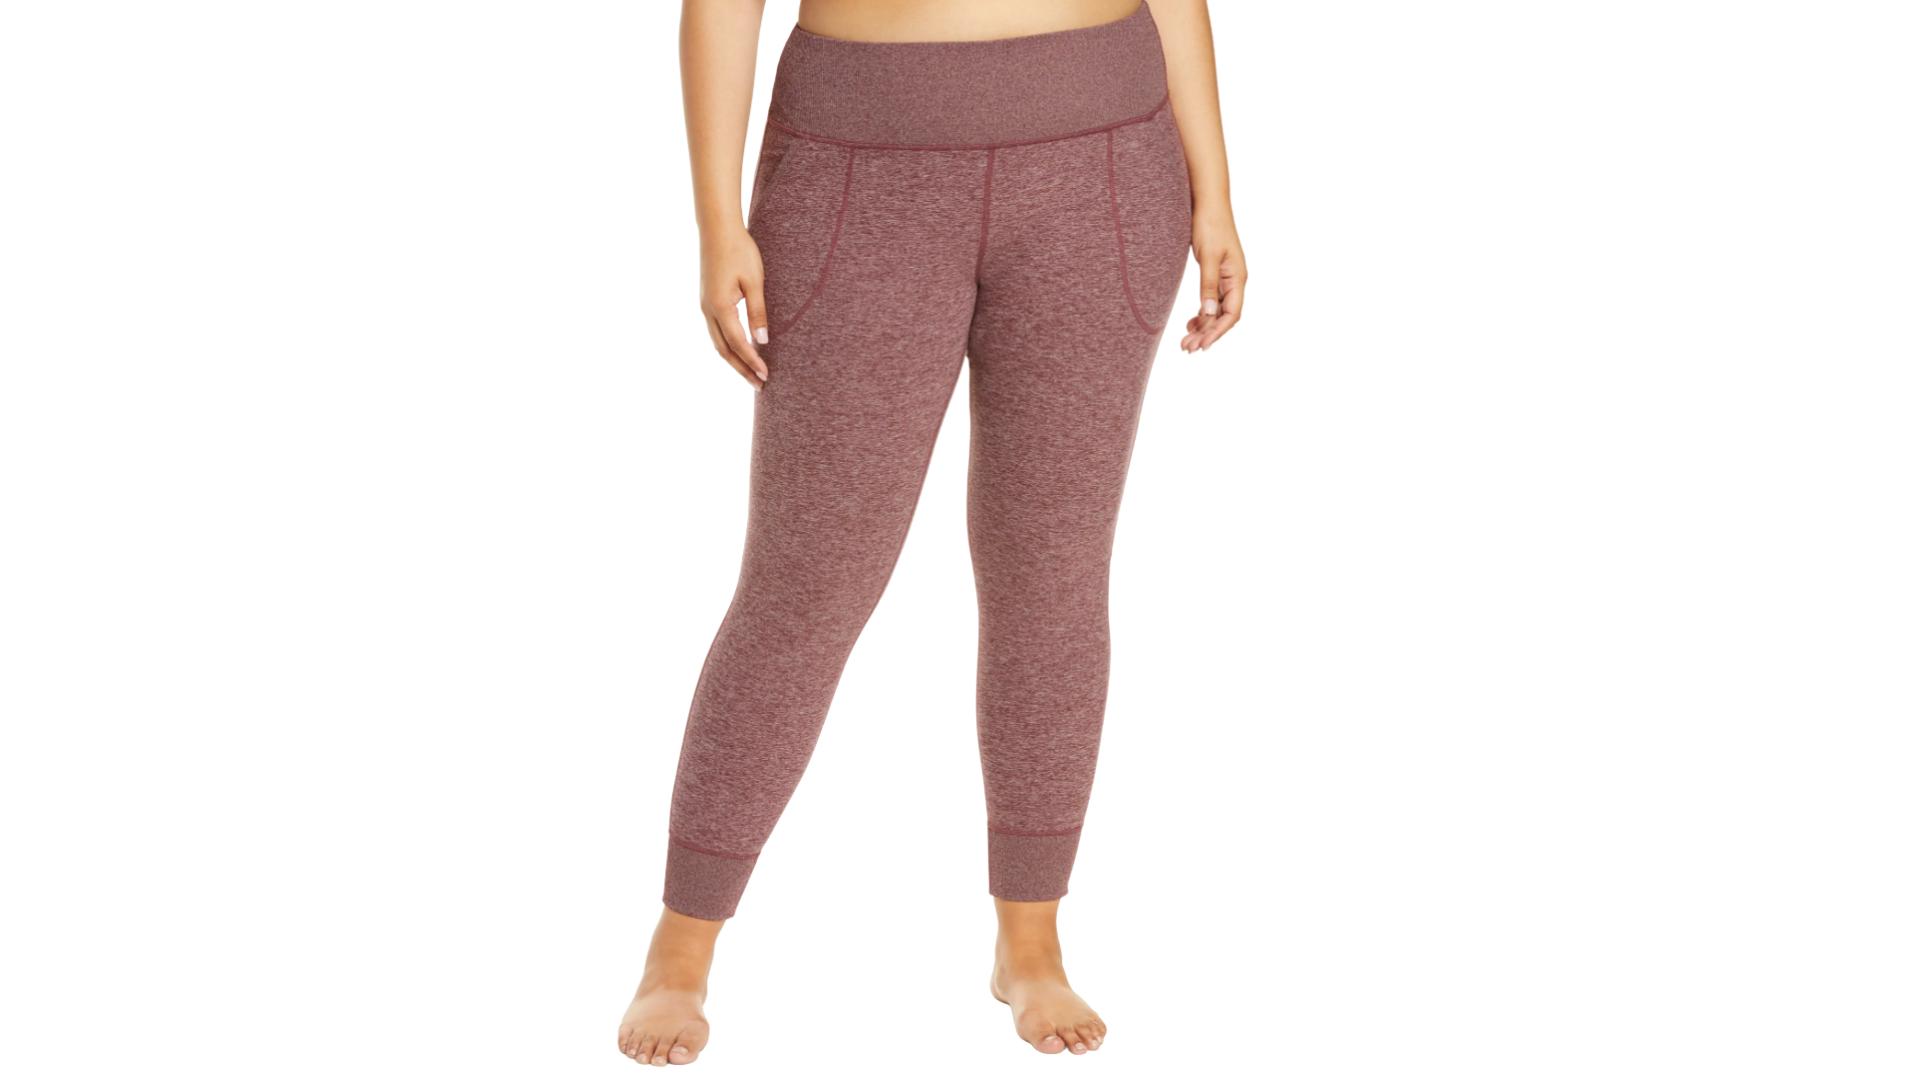 Zella best plus size leggings for winter